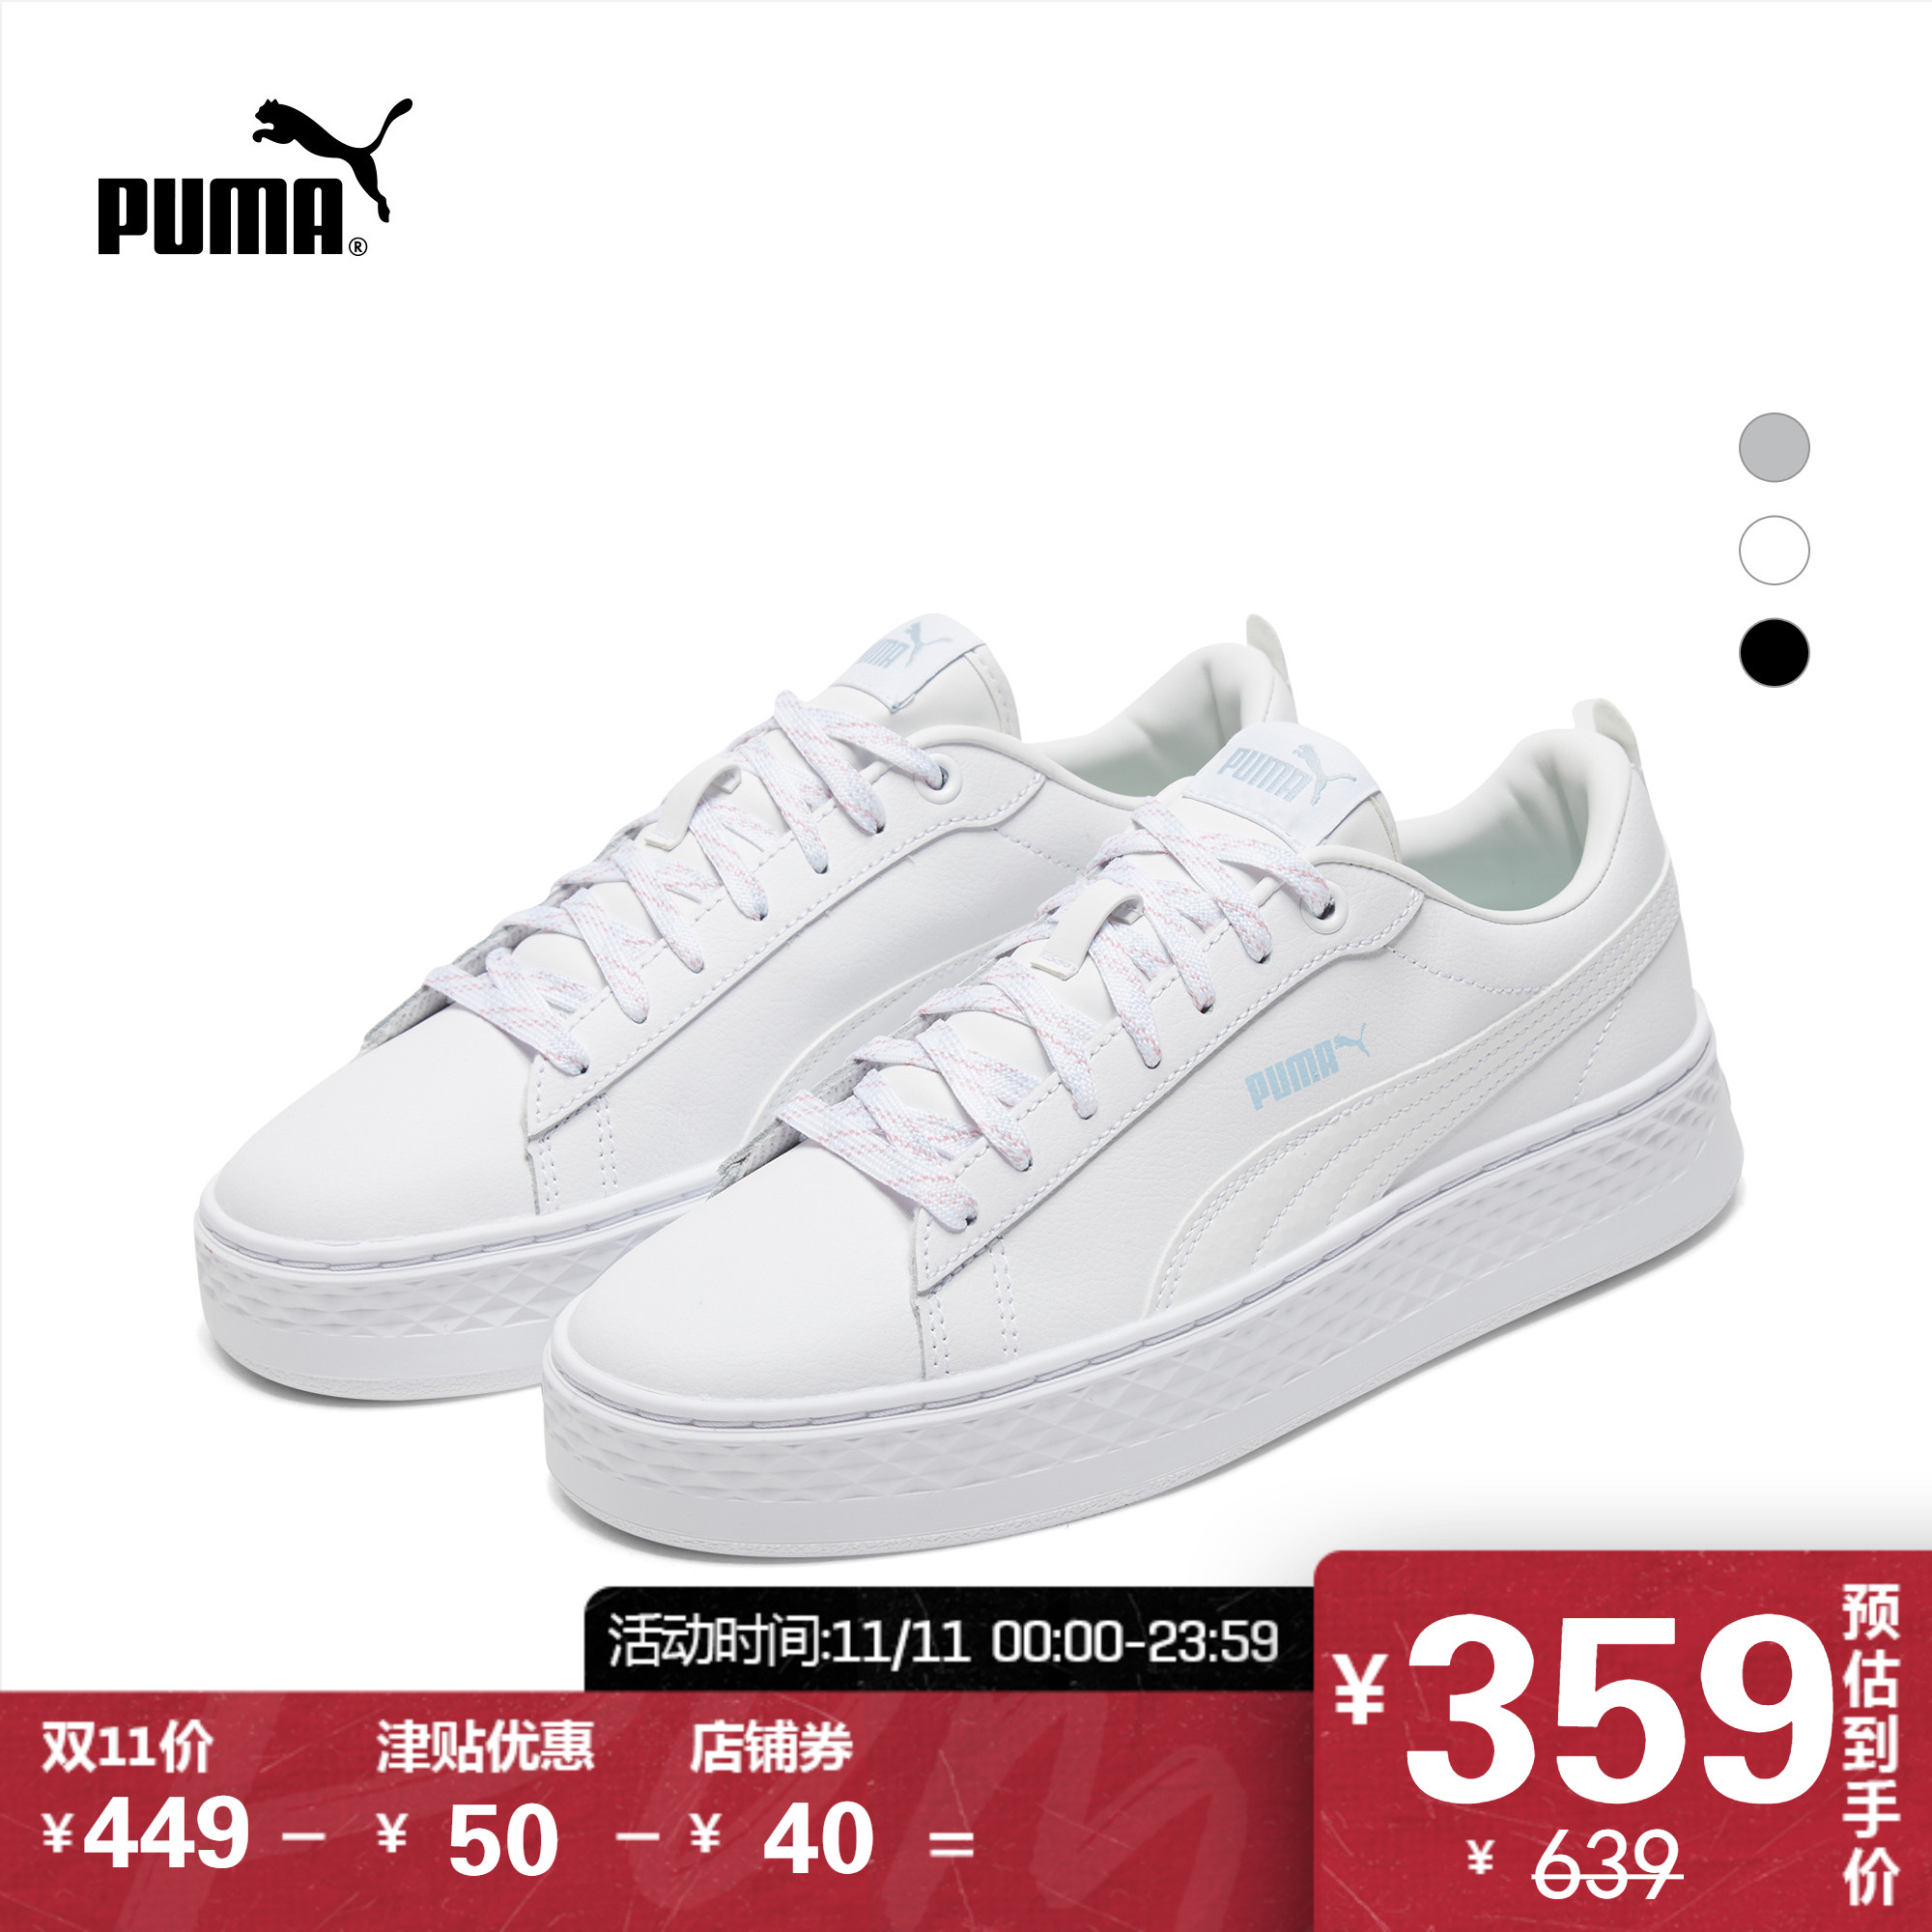 PUMA彪馬官方正品 新款女子經典復古休閑鞋 SMASH 369833